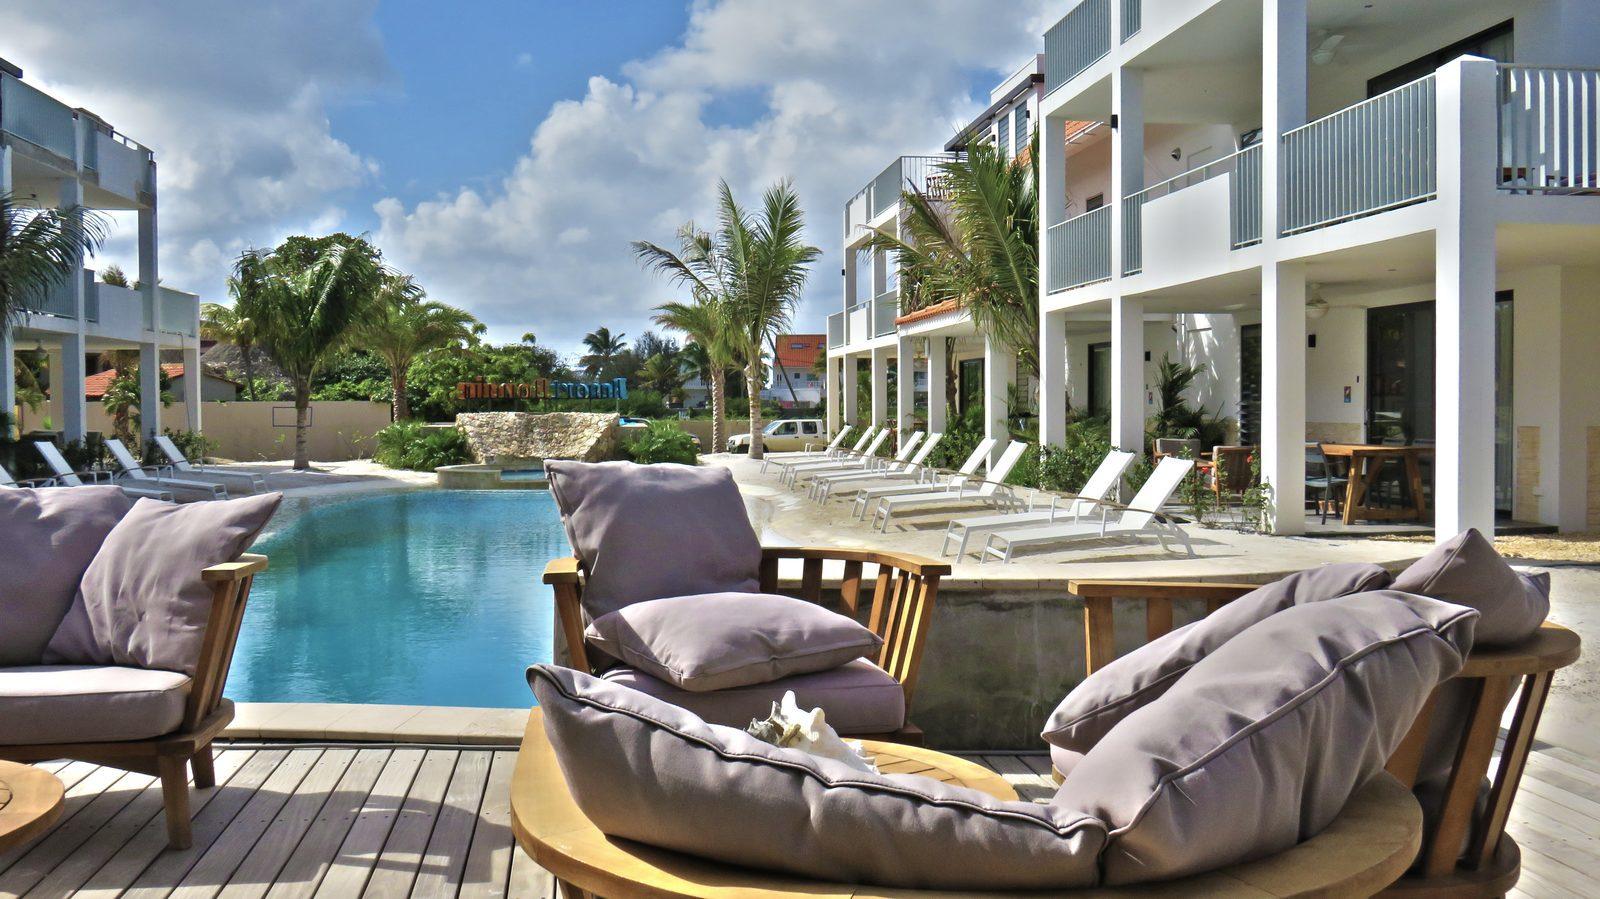 Resort Bonaire maakt het voor zowel jong als oud mogelijk om te genieten van dit mooie eiland. Bekijk de foto's en boek uw verblijf op Bonaire!